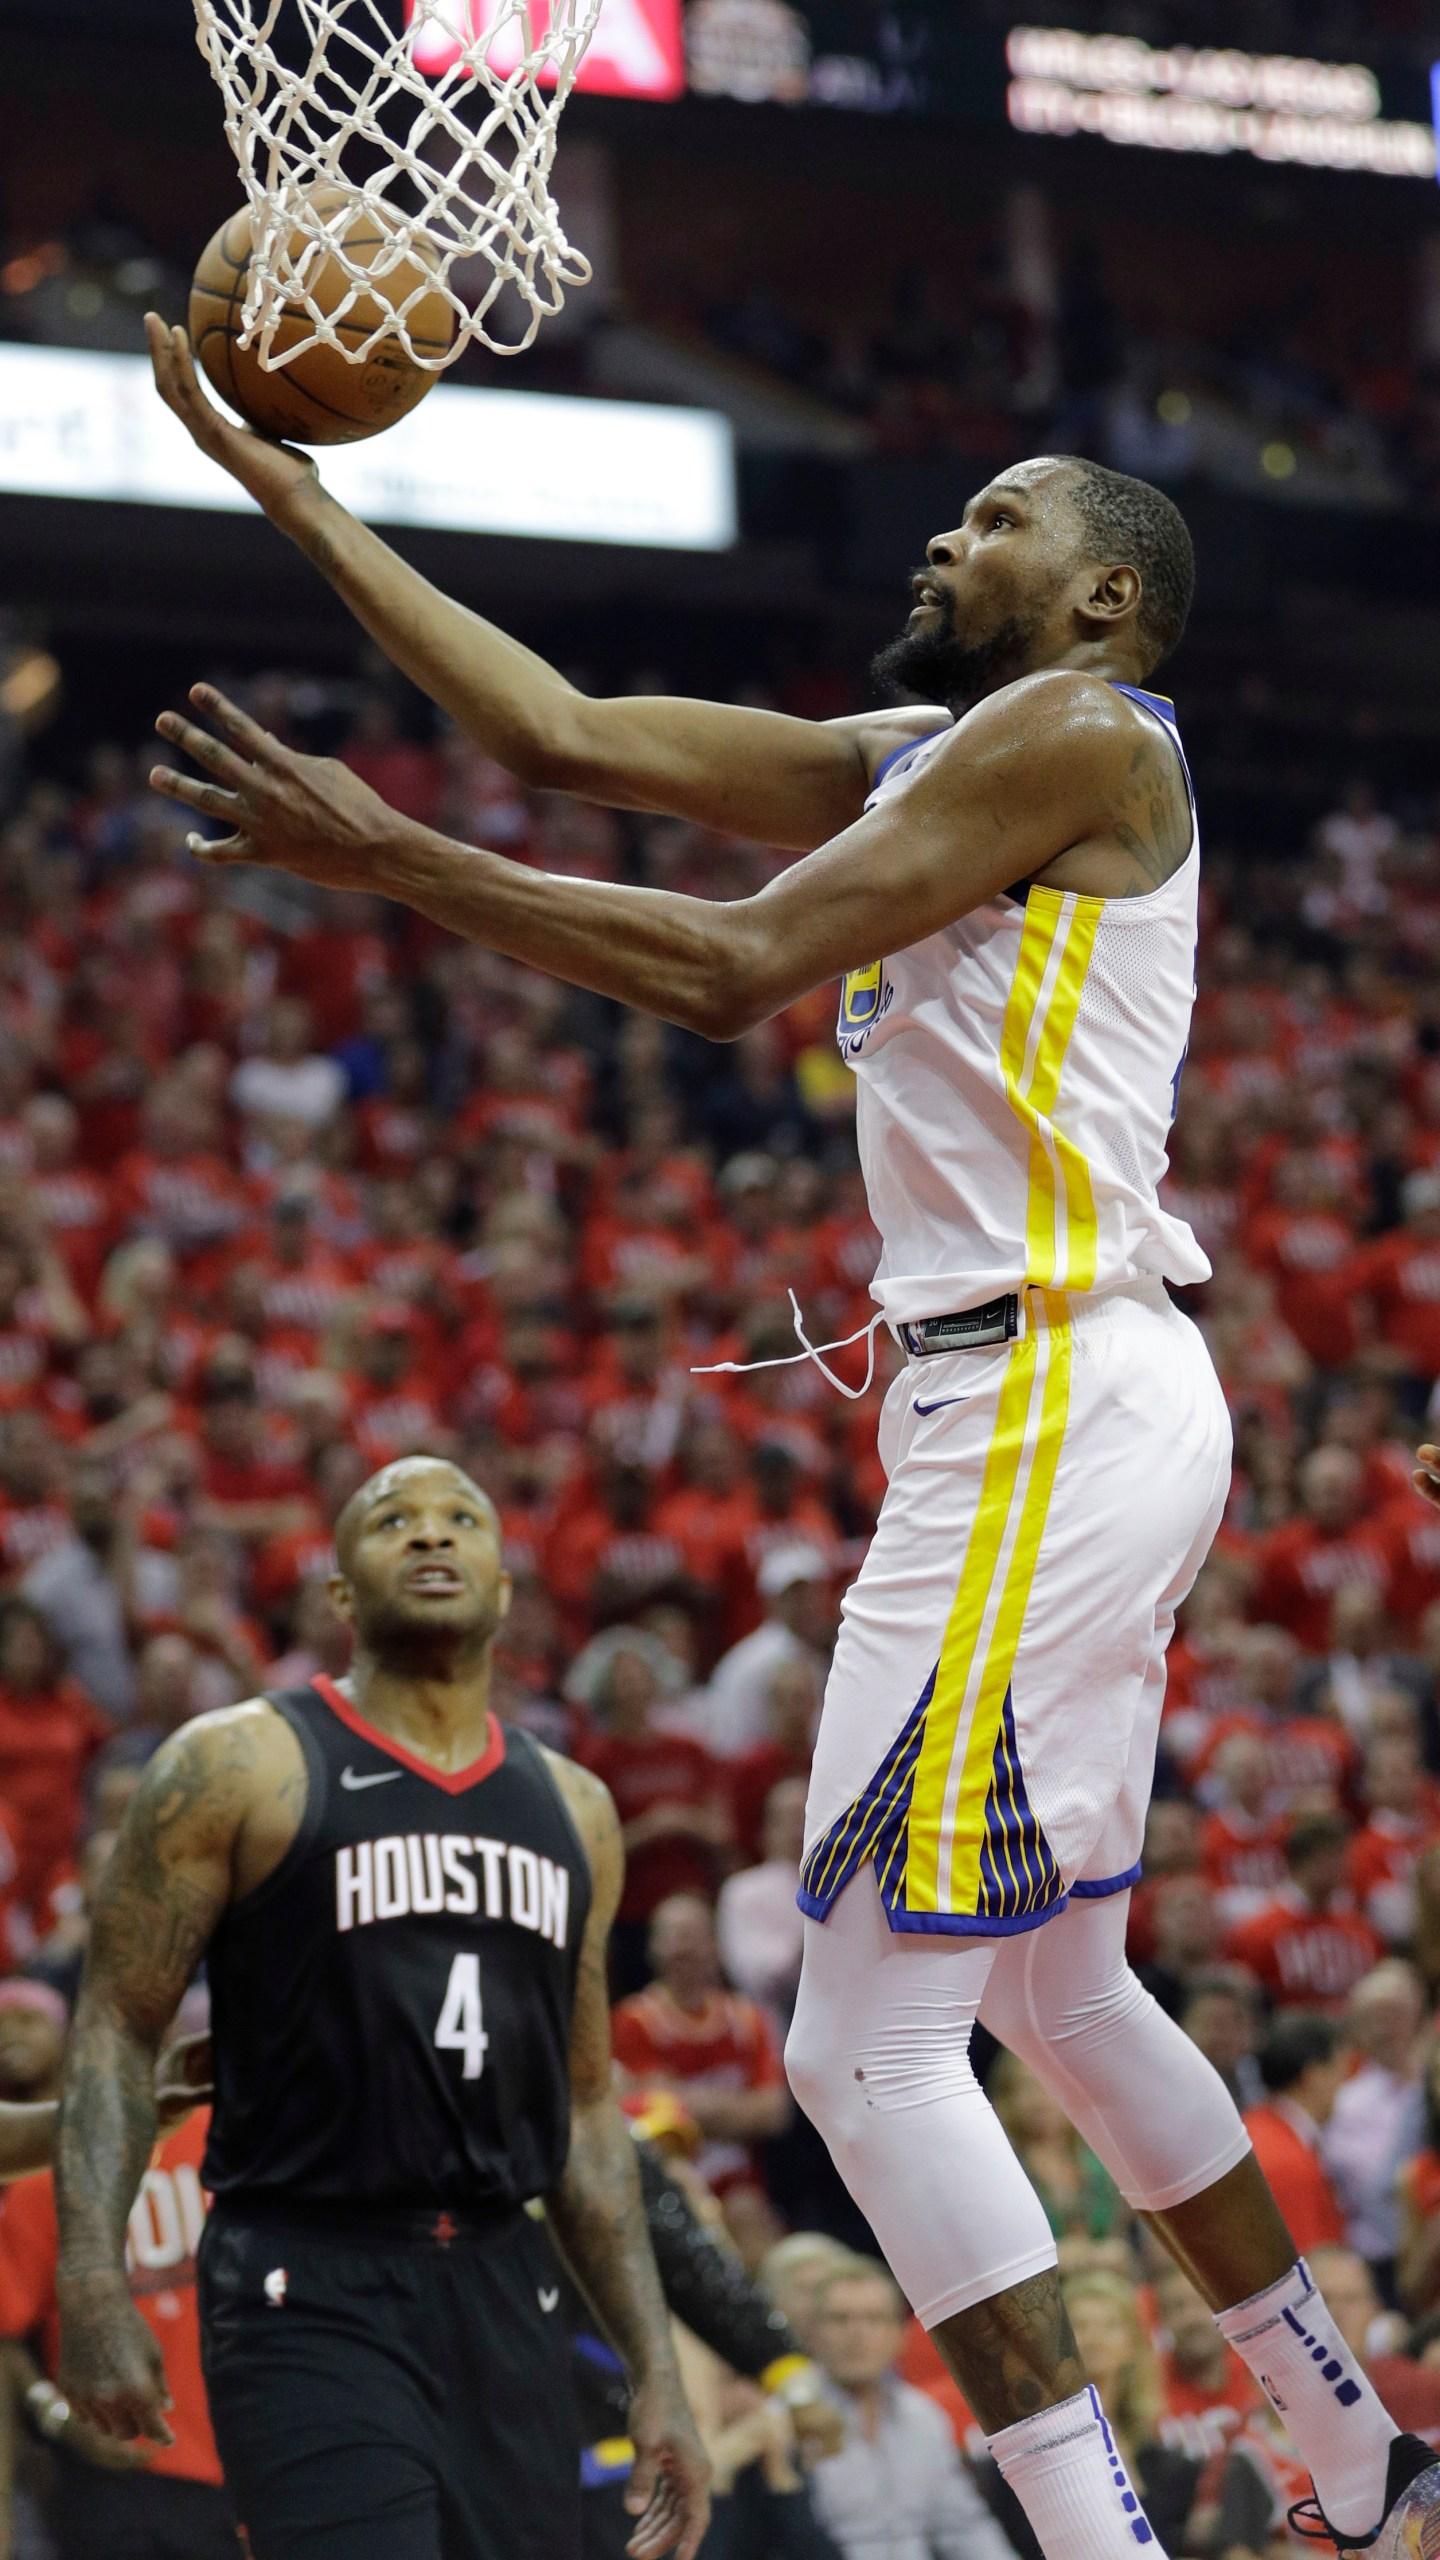 Warriors Rockets Basketball_1526356682769